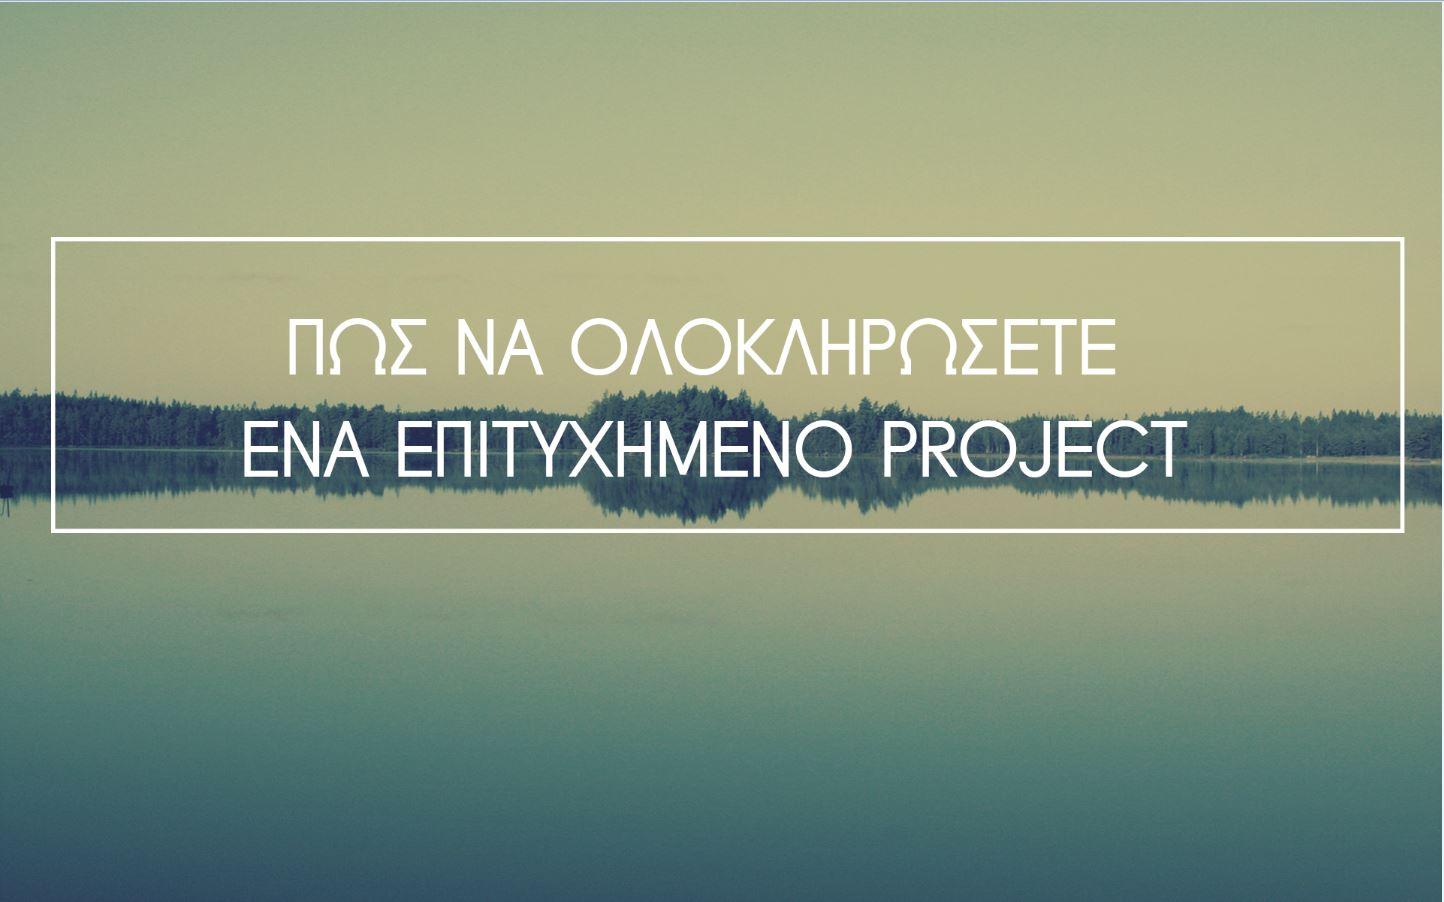 pws-na-oloklhrwsete-ena-epityximeno-project-1